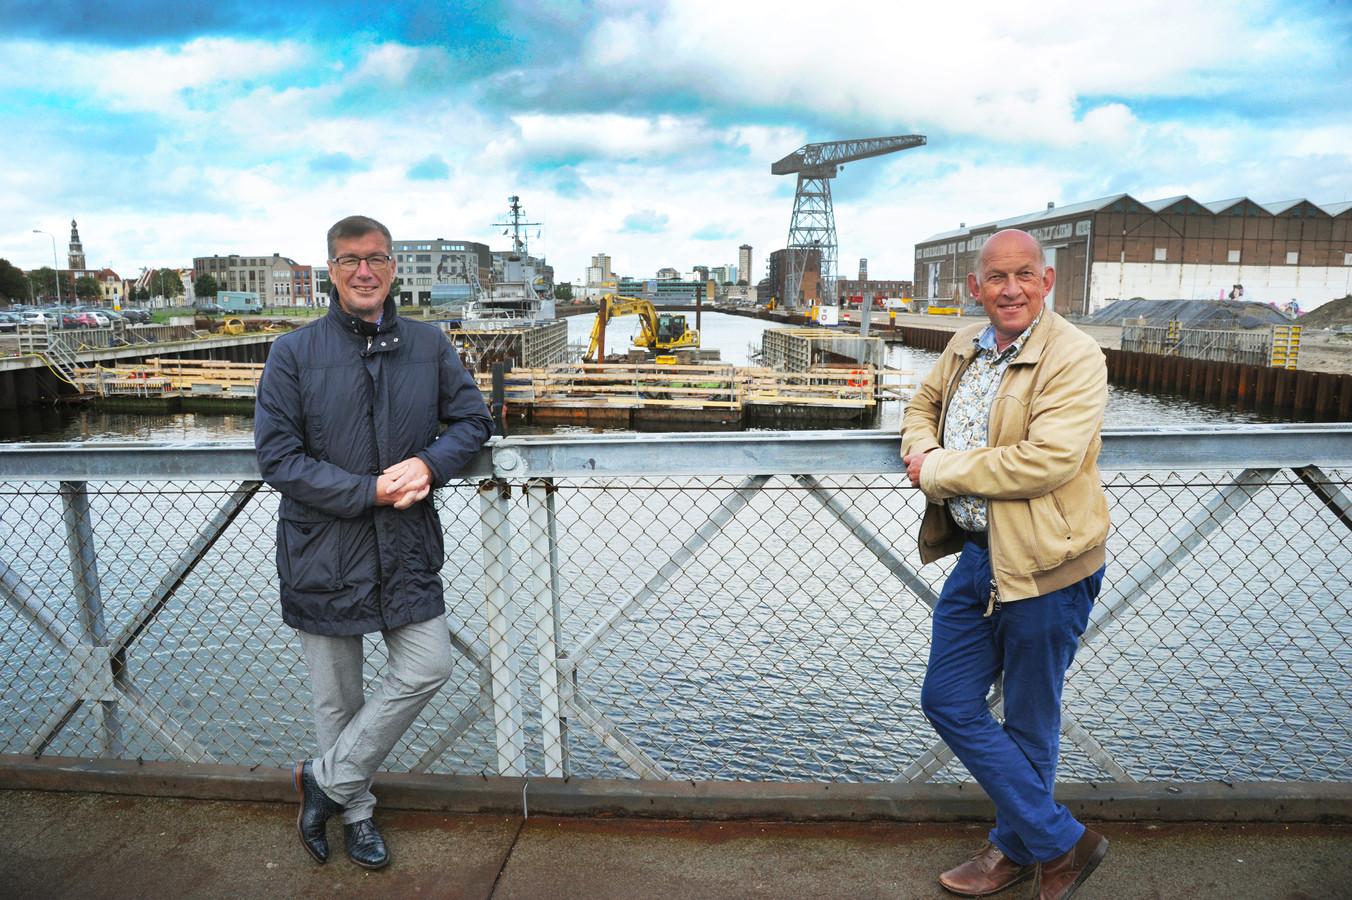 Wethouder John de Jonge (links) en projectleider Scheldekwartier Hans van Houdt staan op de huidige brug over Het Dok. Achter hen wordt gewerkt aan de nieuwe brug.